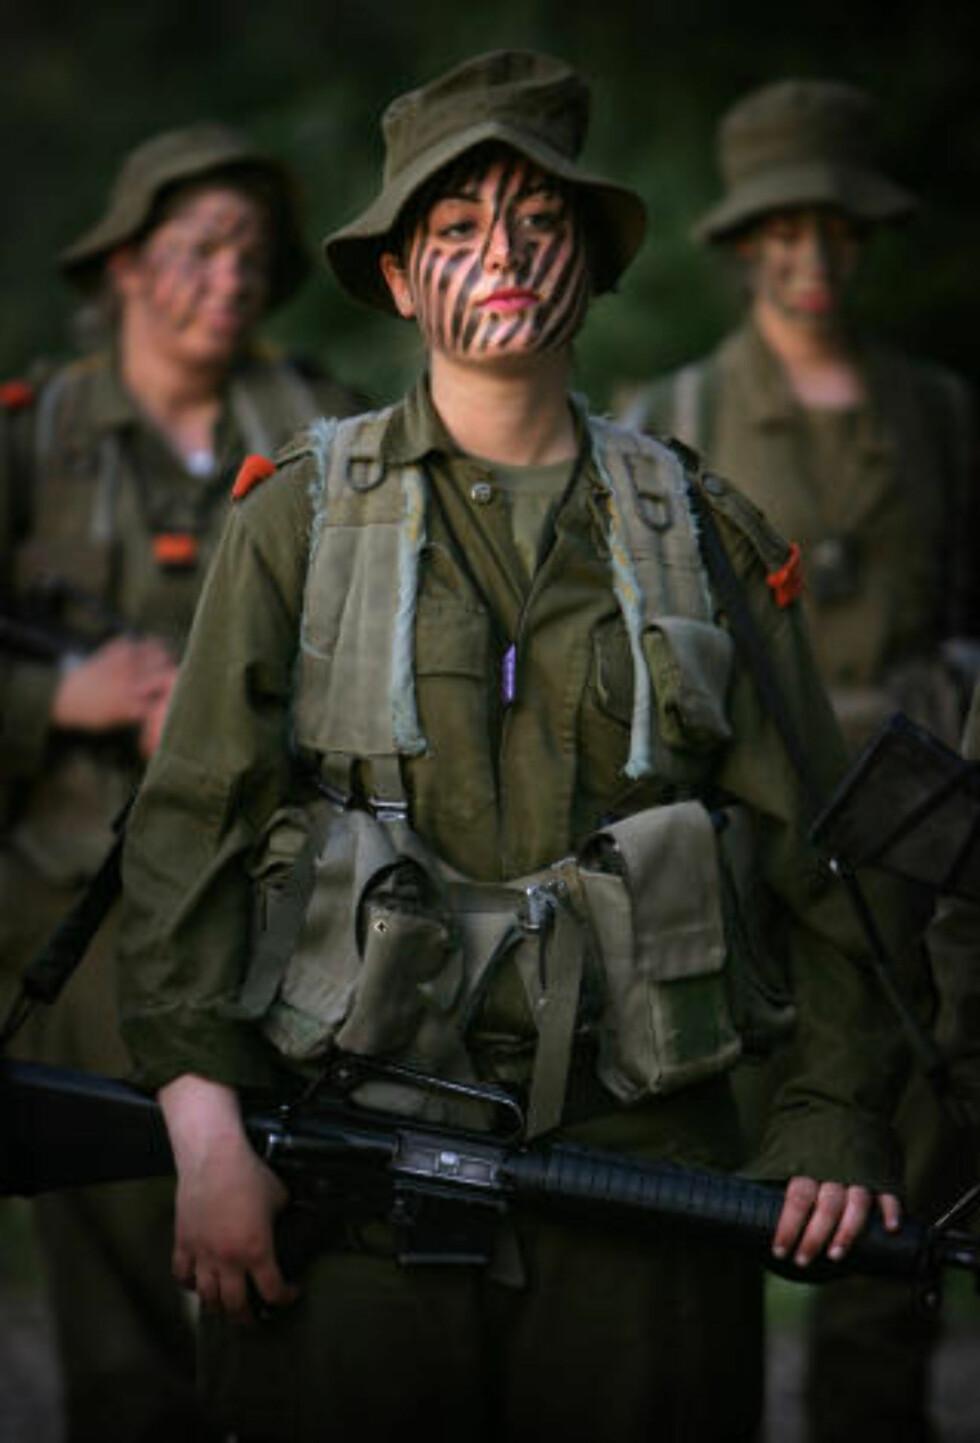 ØNSKER FLERE JENTER: Israel ønsker flere som disse jentene, som forbereder seg på øvelse i Jerusalem. Foto: Oded Balilty/AP/Scanpix